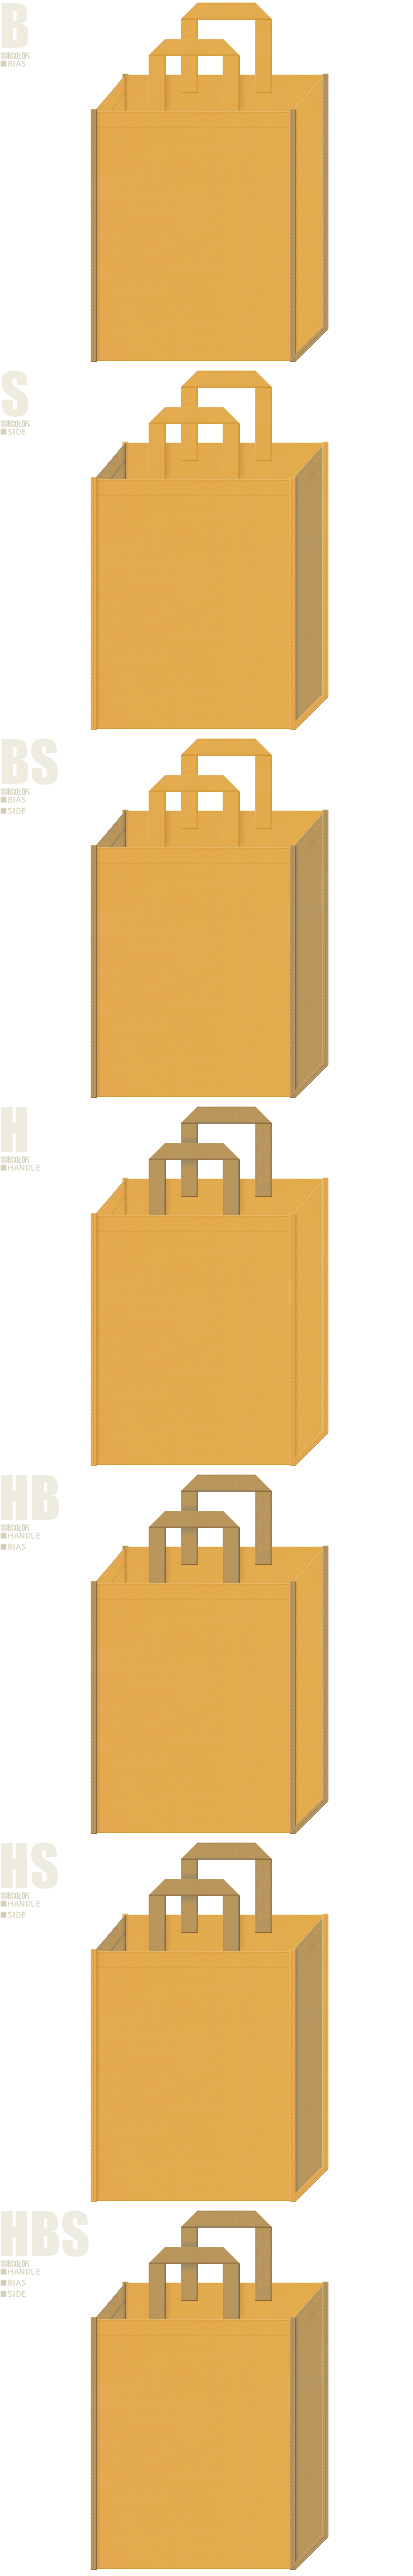 黄土色と金色系黄土色、7パターンの不織布トートバッグ配色デザイン例。